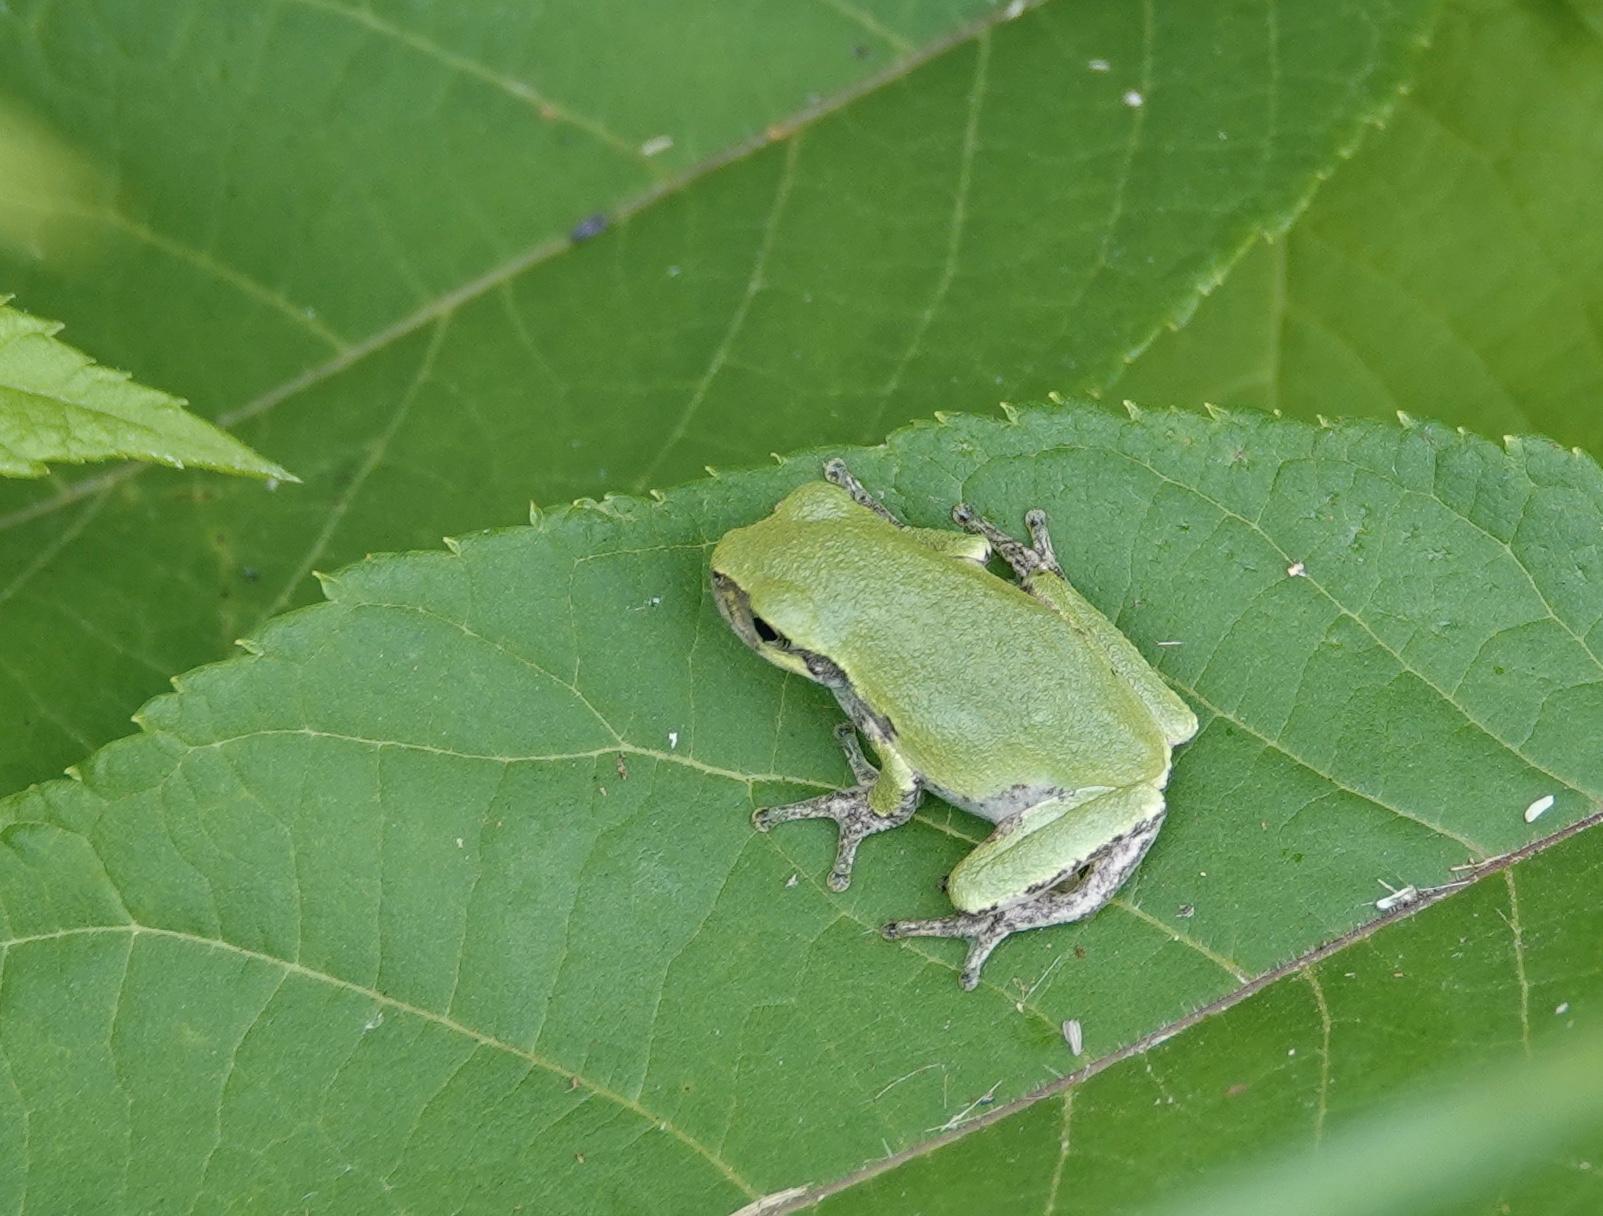 A gray tree frog.